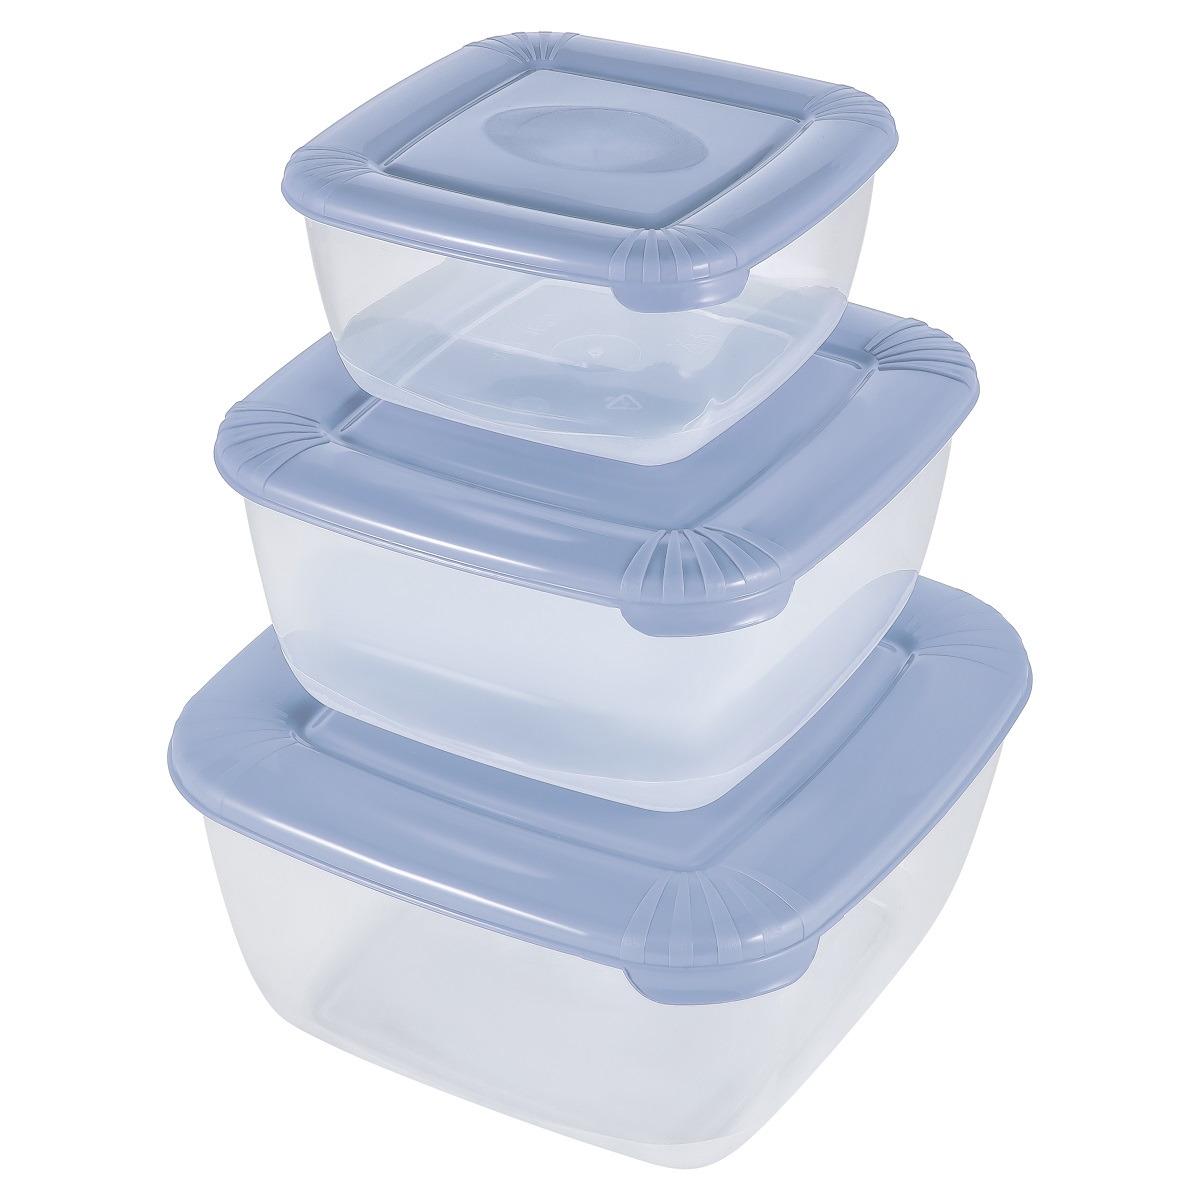 Набор емкостей для продуктов Plast Team Polar, PT1683-8, туманно-голубой, 3 шт емкость для хранения продуктов plast team pattern 0 8 л